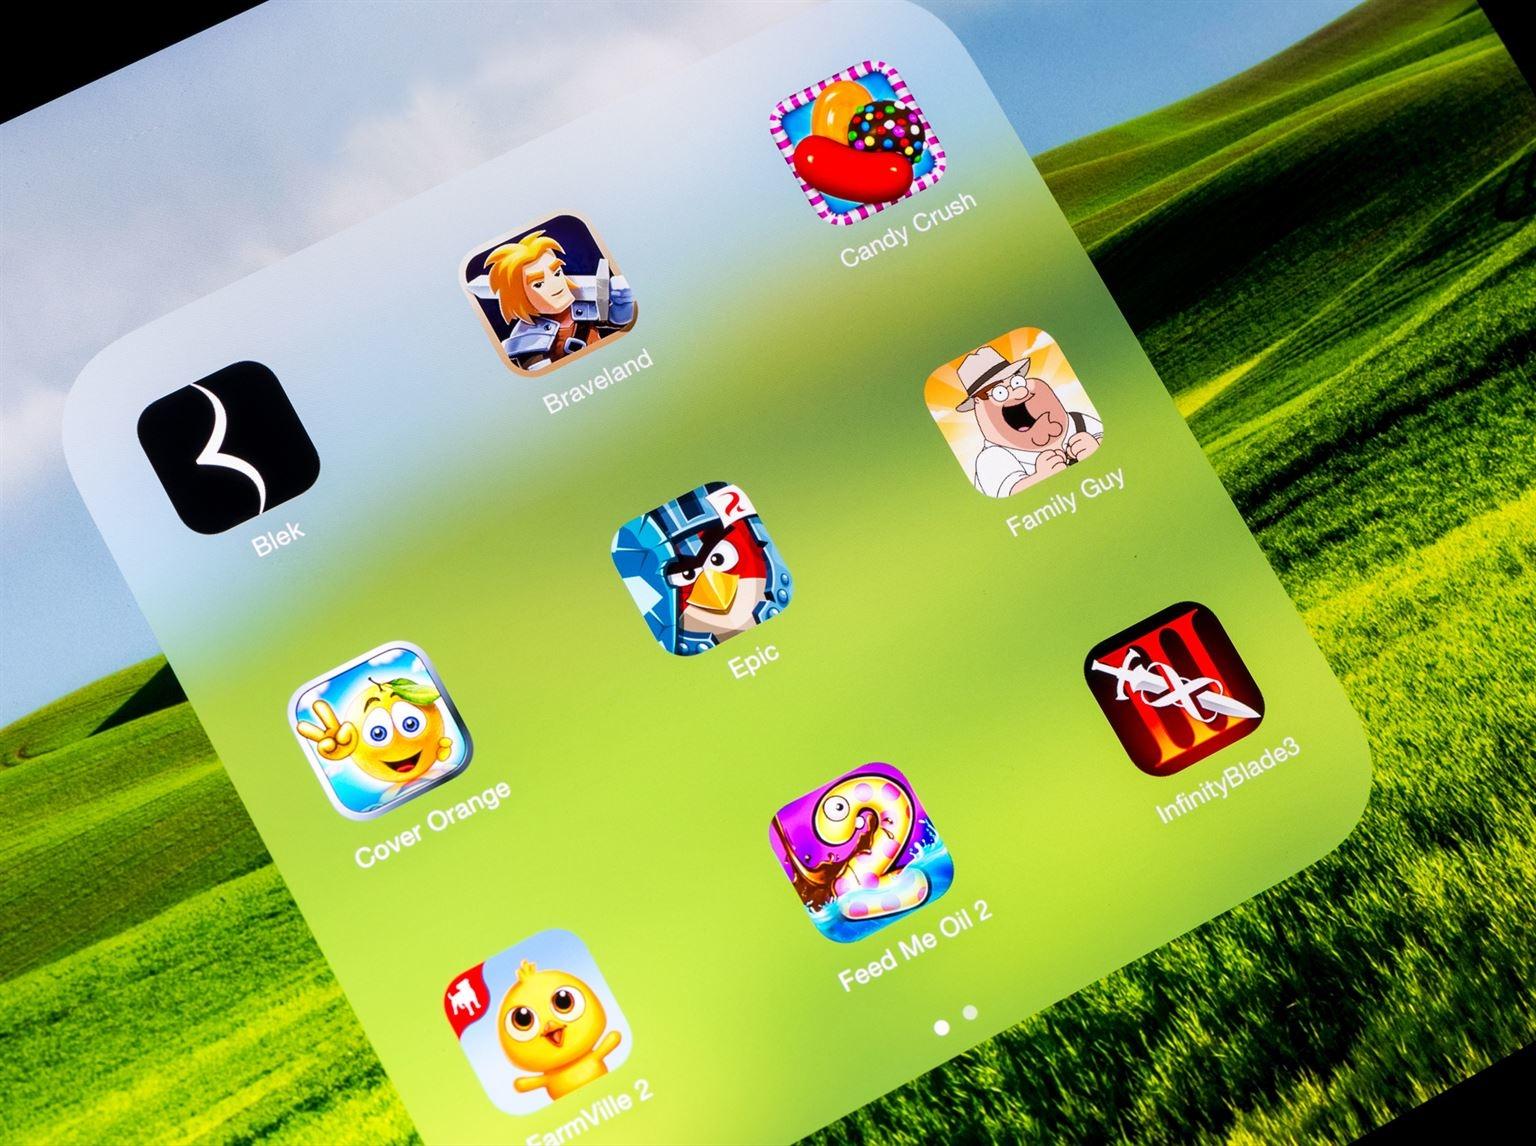 Jeux Sur Tablette: 64 Choix Pour Enfants | Protégez-Vous.ca encequiconcerne Jeux Educatif 2 Ans Gratuit